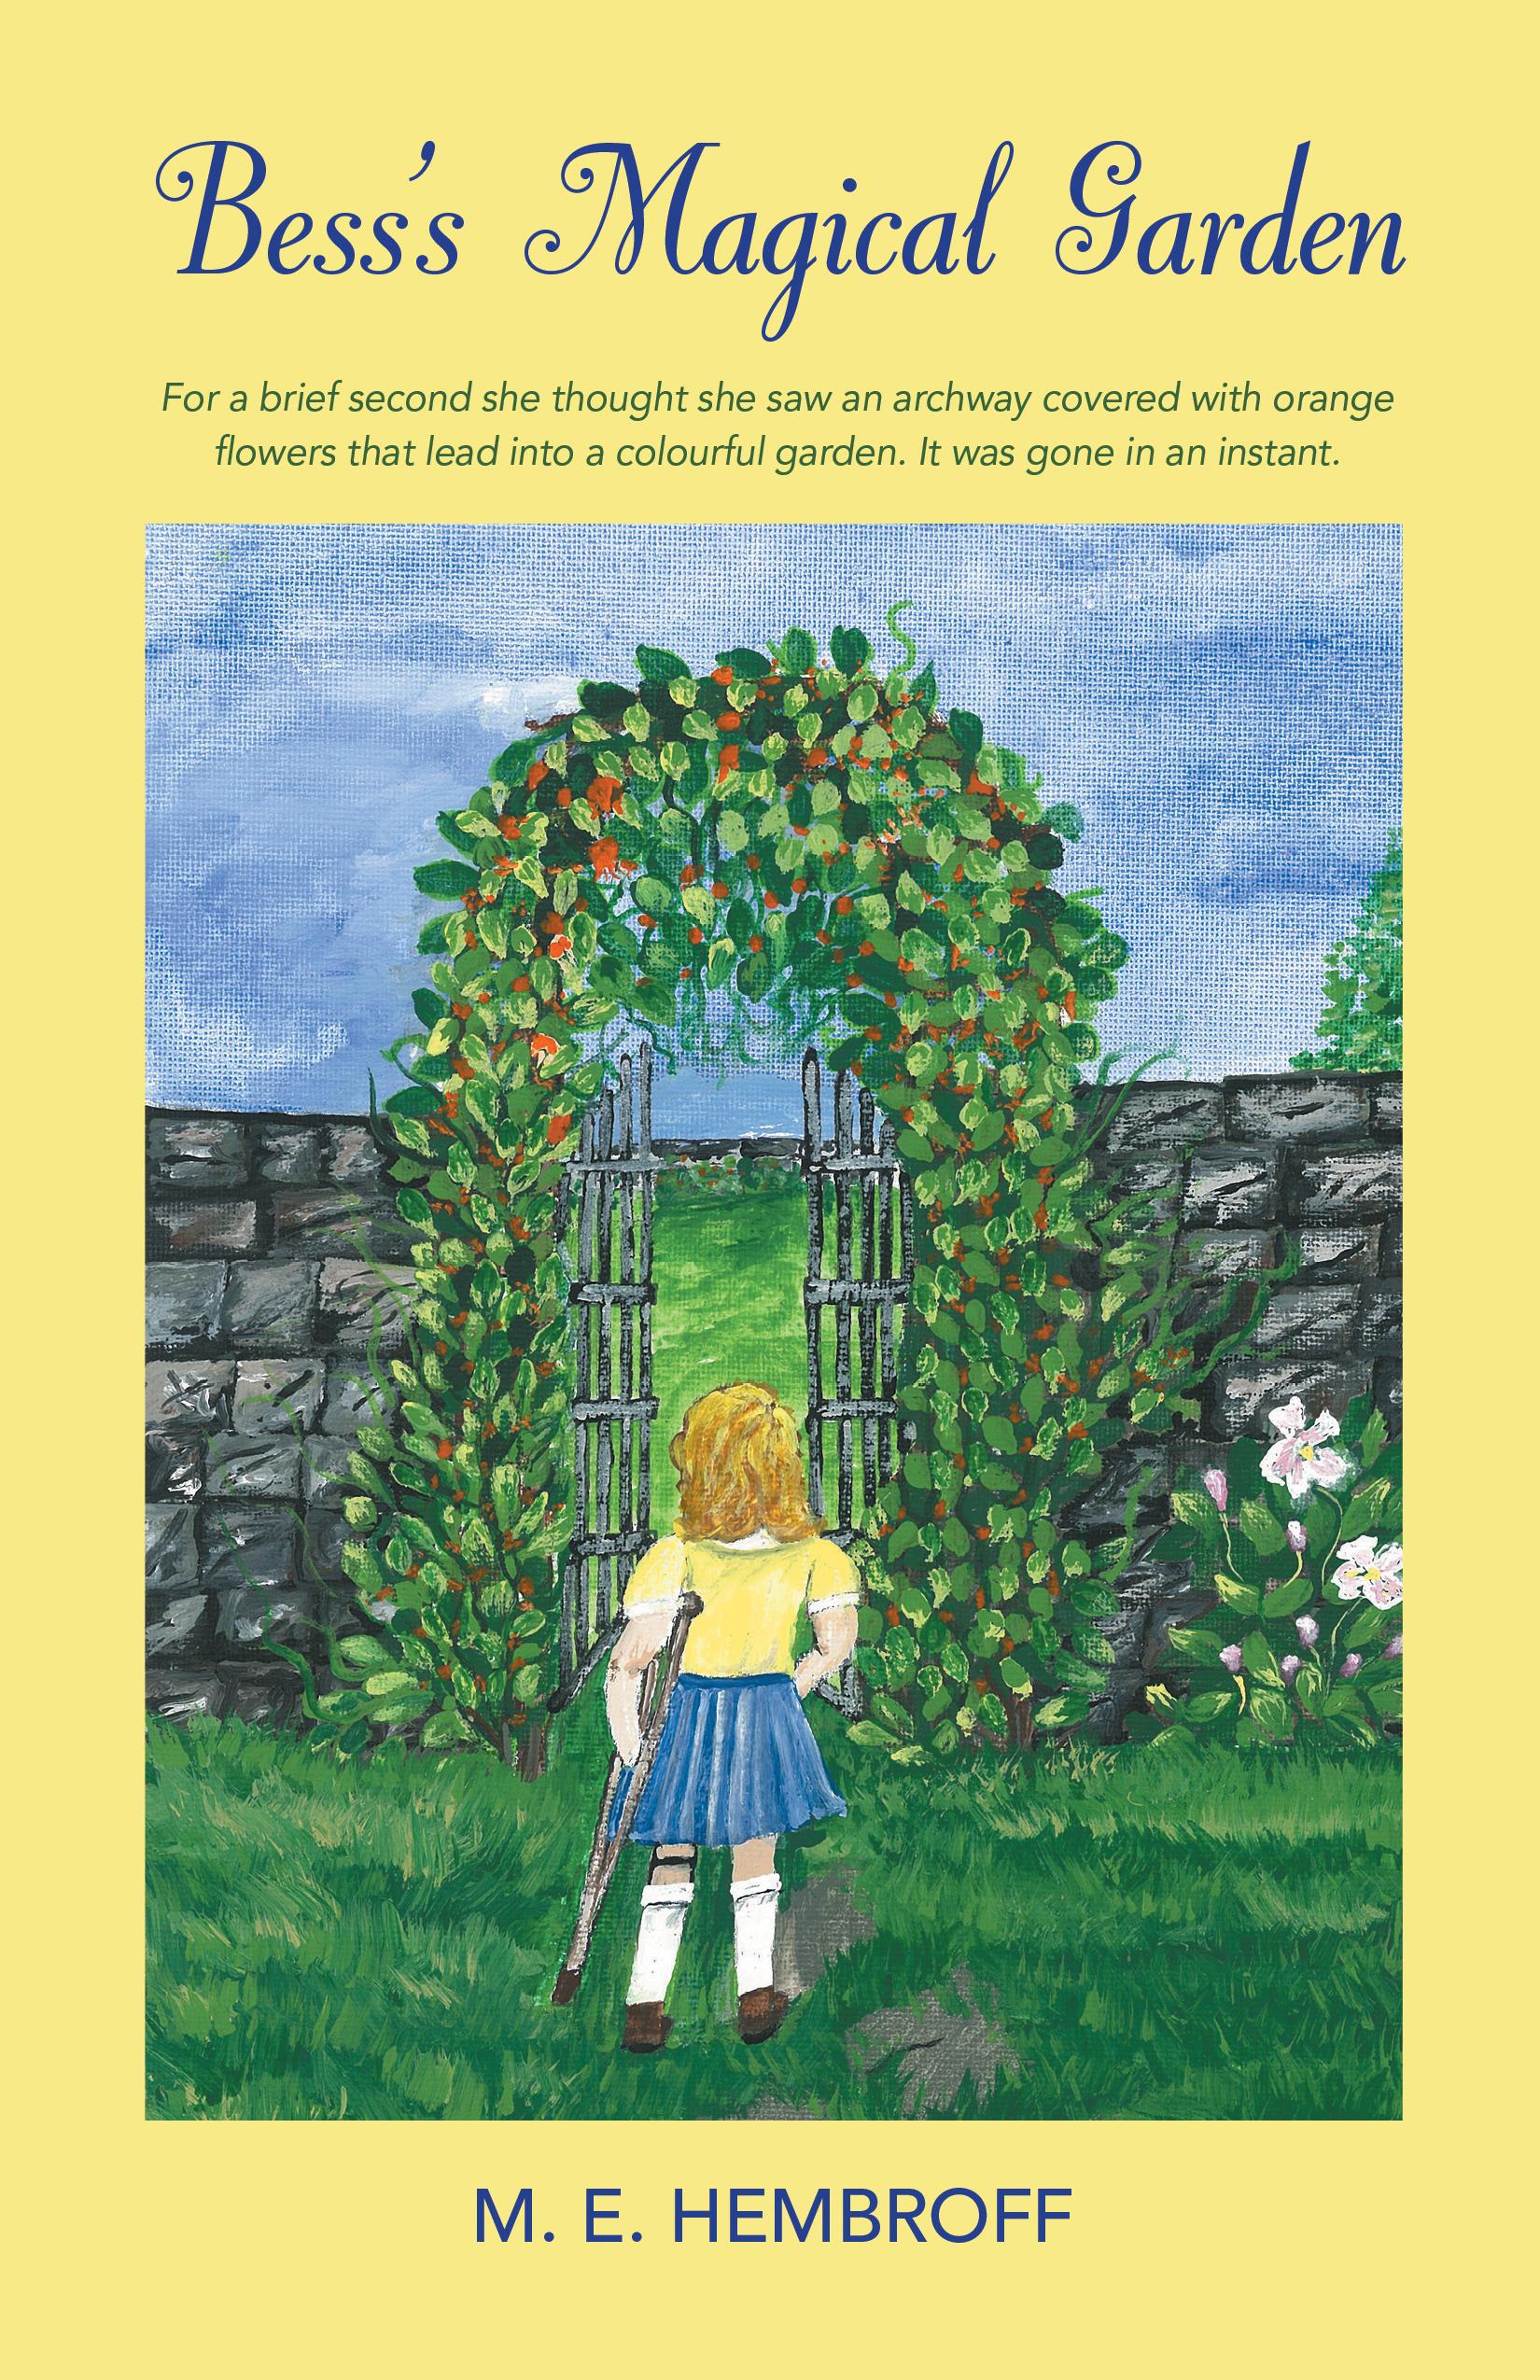 Besss Magical Garden M.E. Hembroff